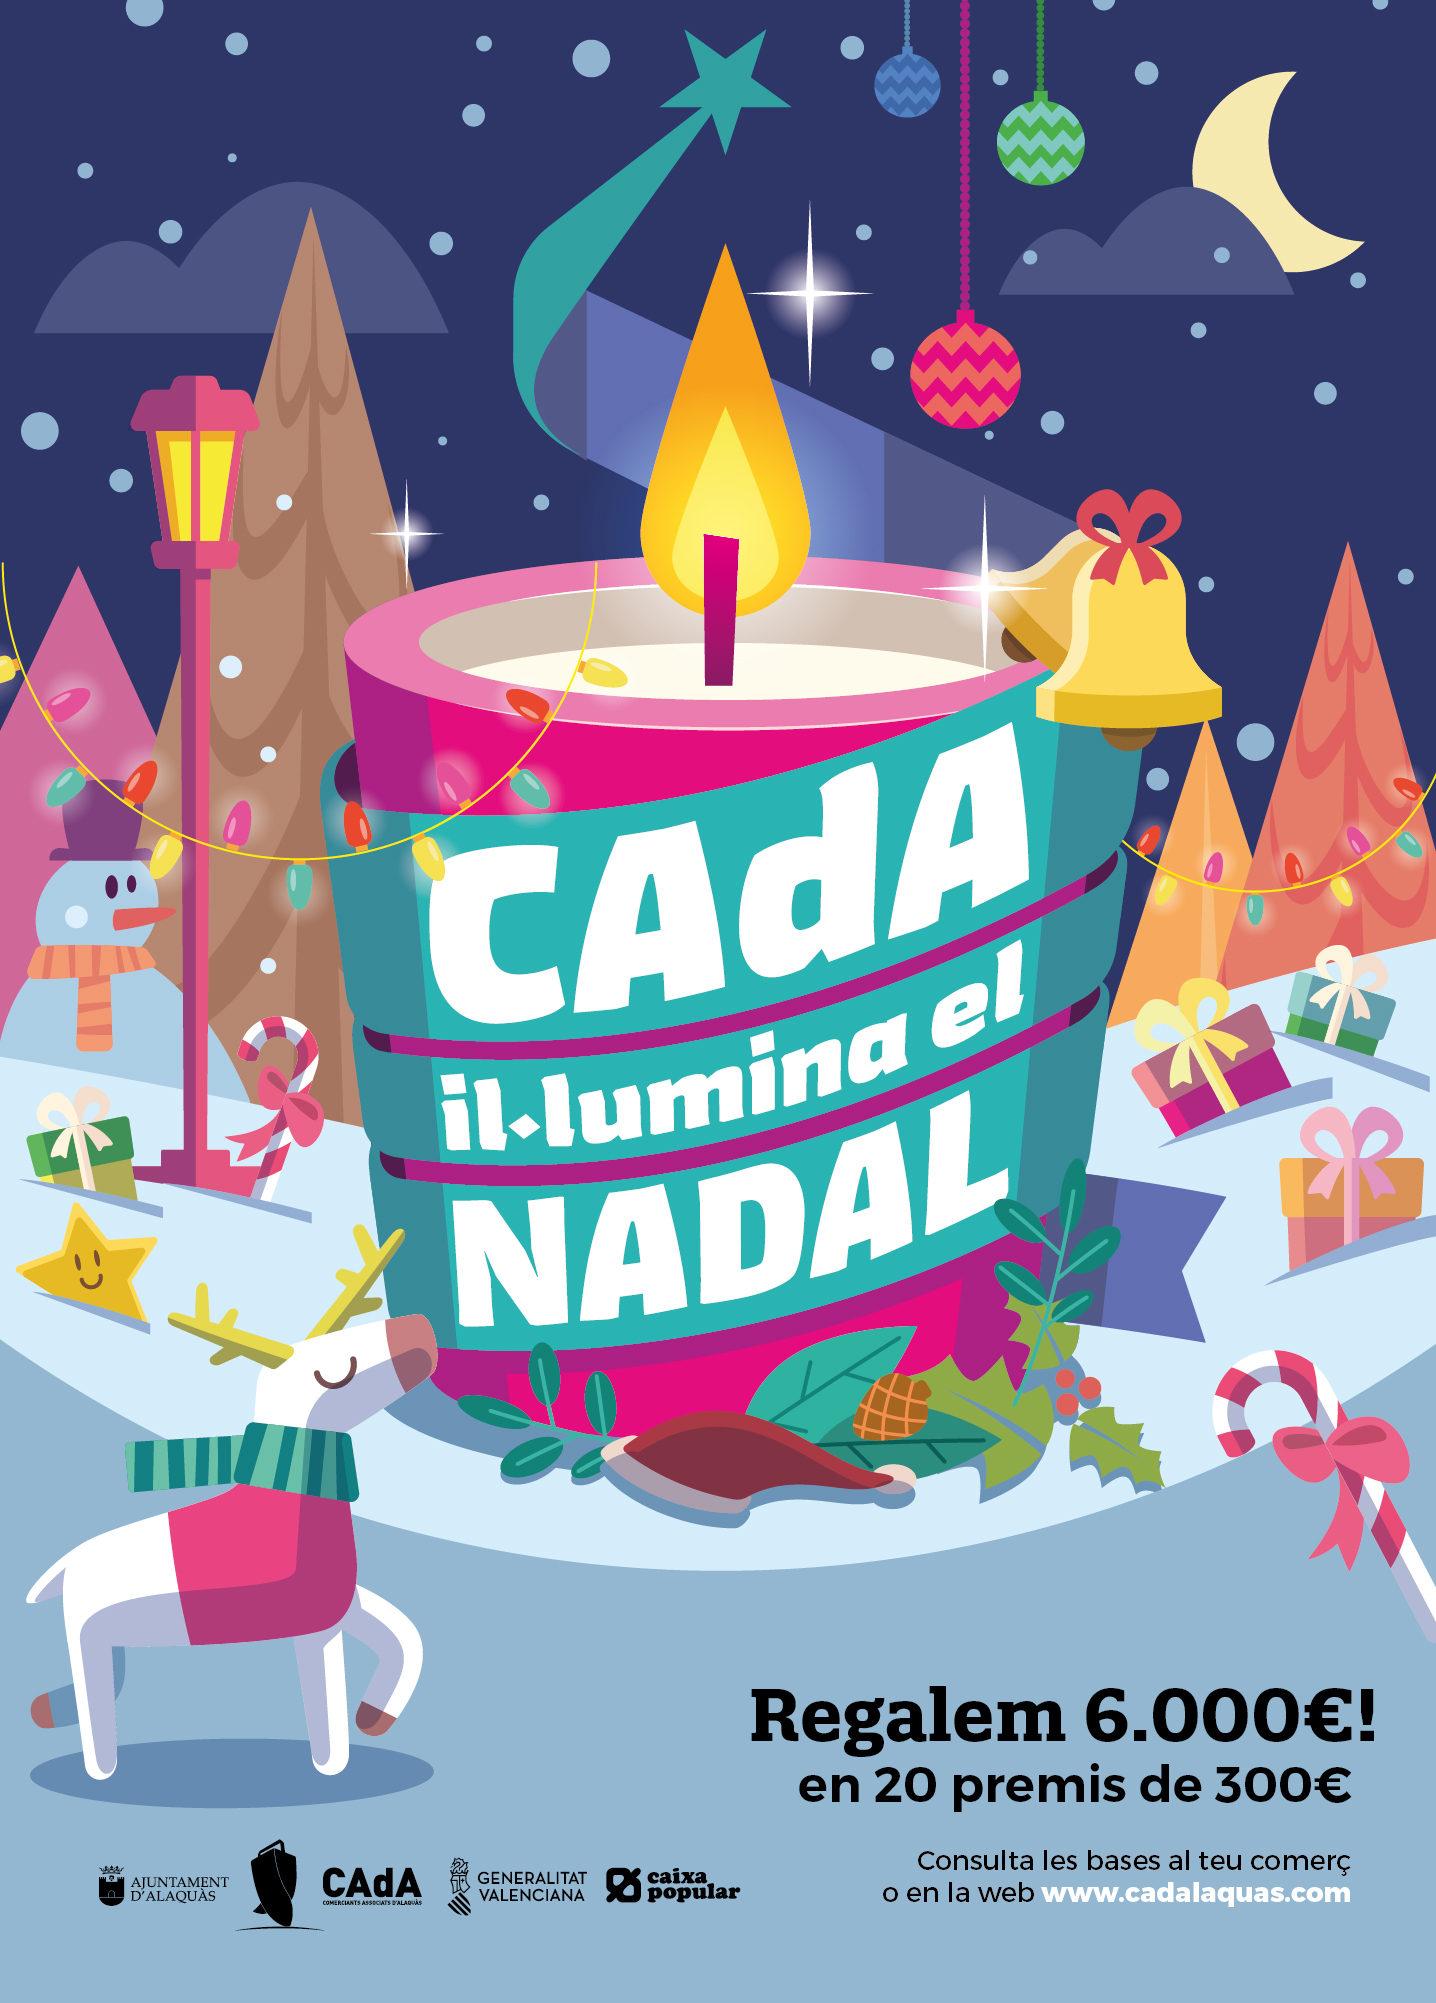 Cartel_50x70cm_CAdA-Nav2021